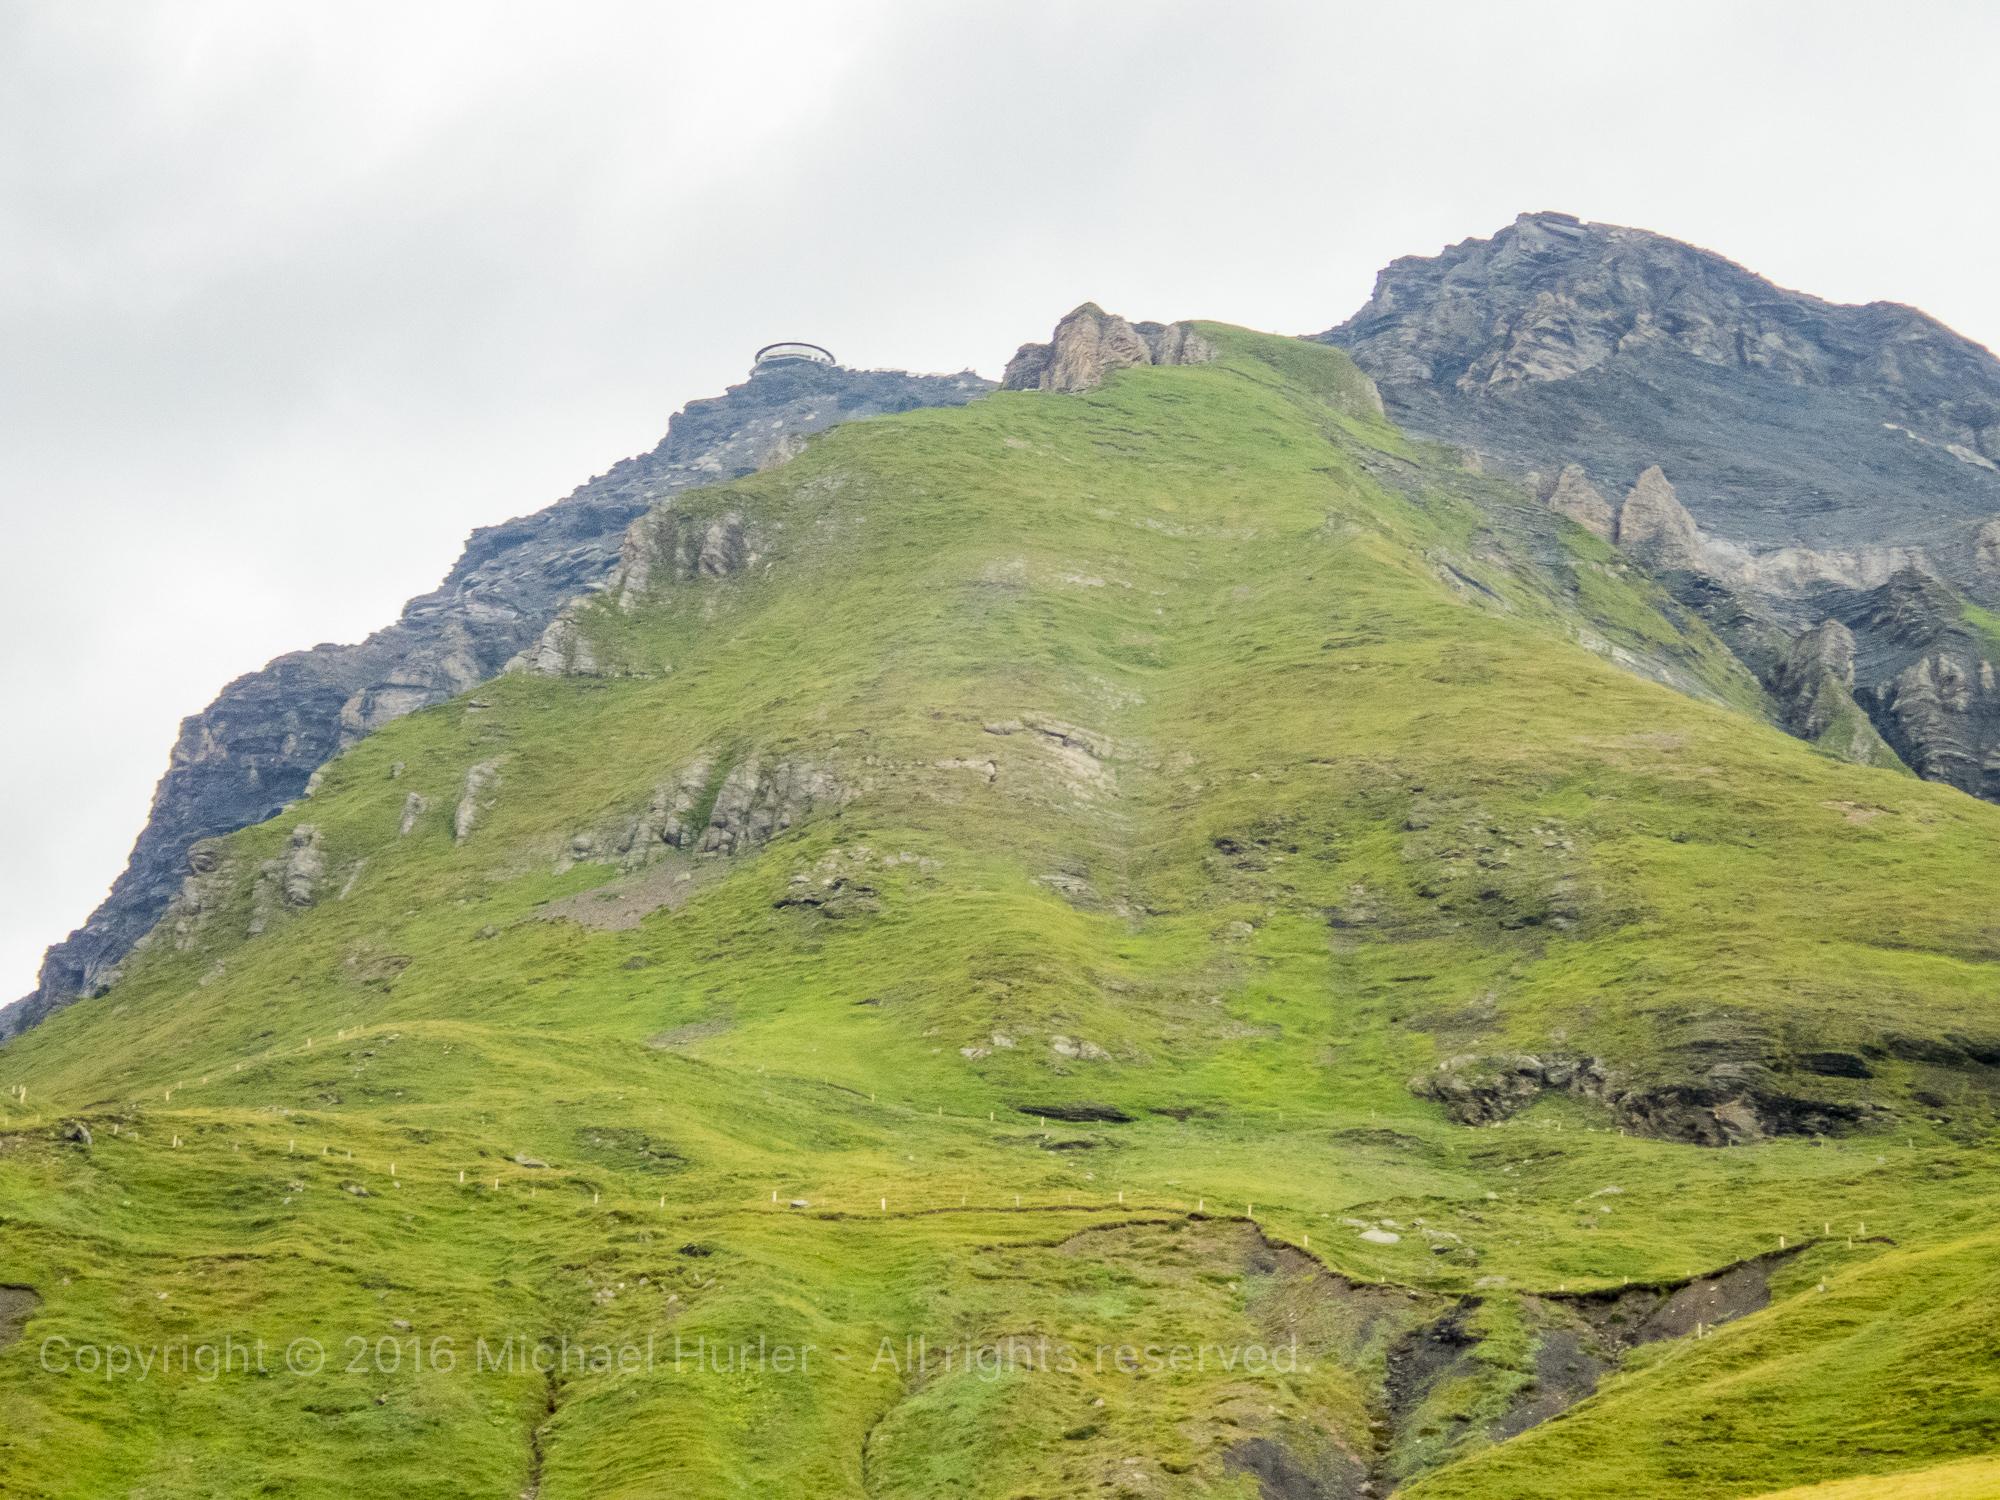 18.08.2016, Bärentrek - Von Mürren nach Kandersteg, Von Mürren zur Rotstockhütte